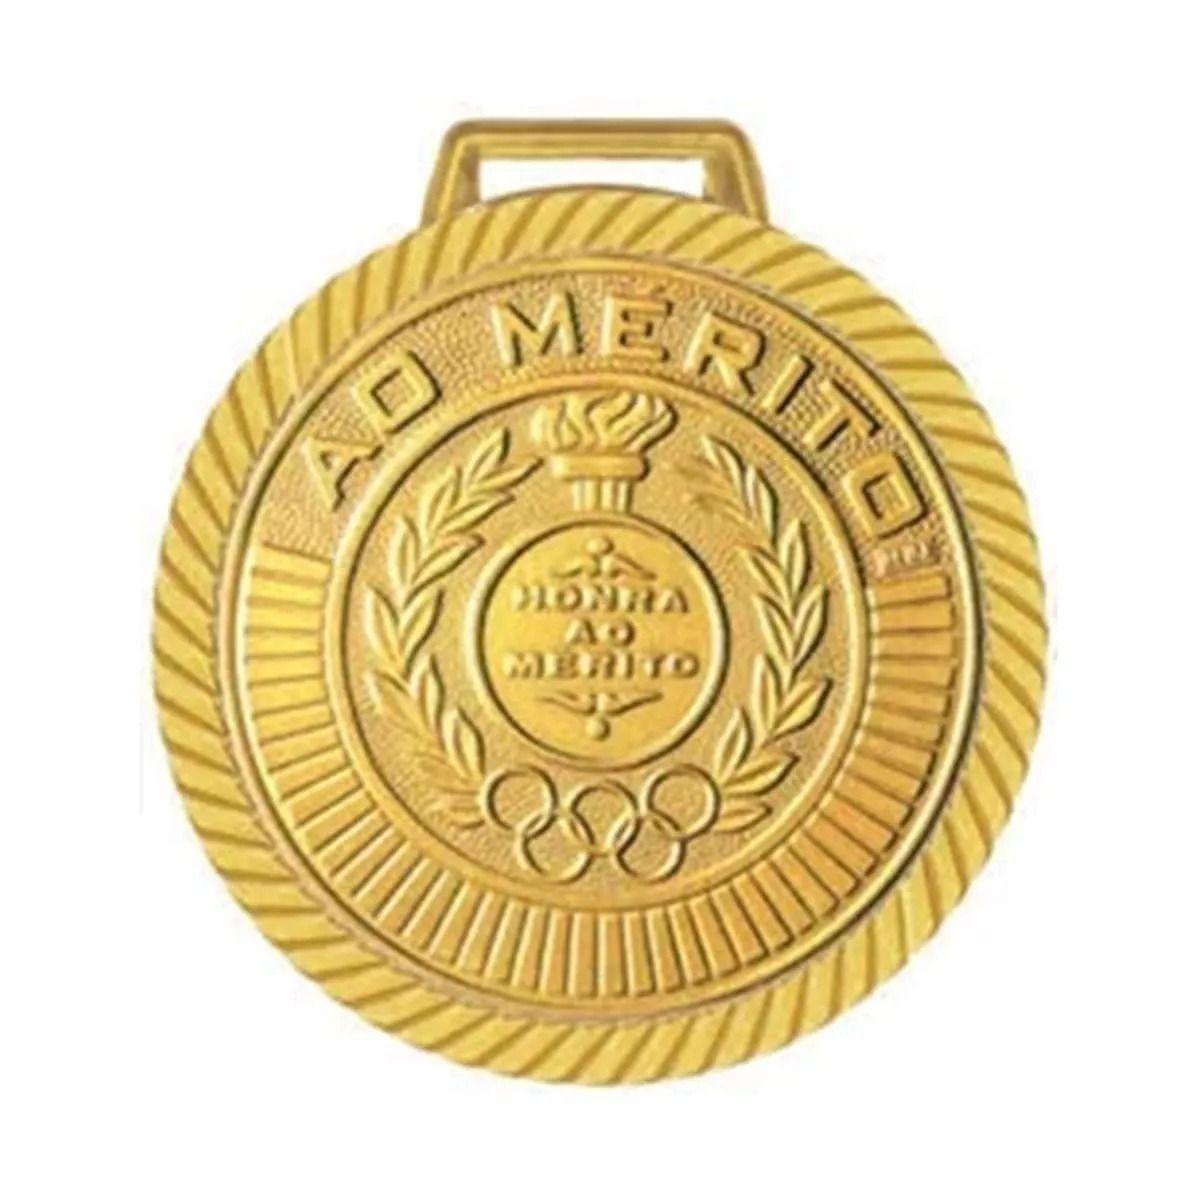 Kit C/30 Medalhas Rema Honra Ao Mérito 50mm Com Fita Ouro